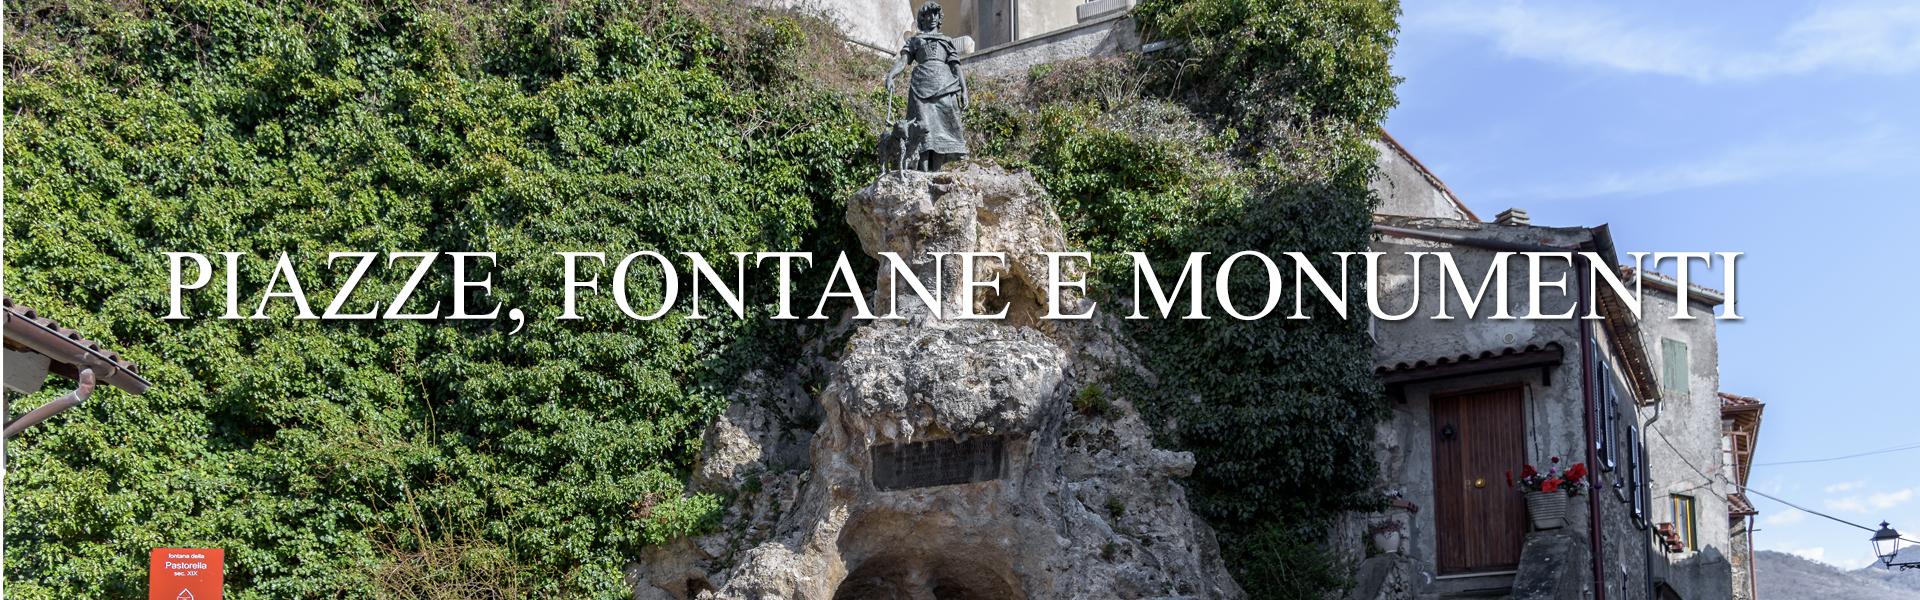 copertina-piazze-fontane-monumenti